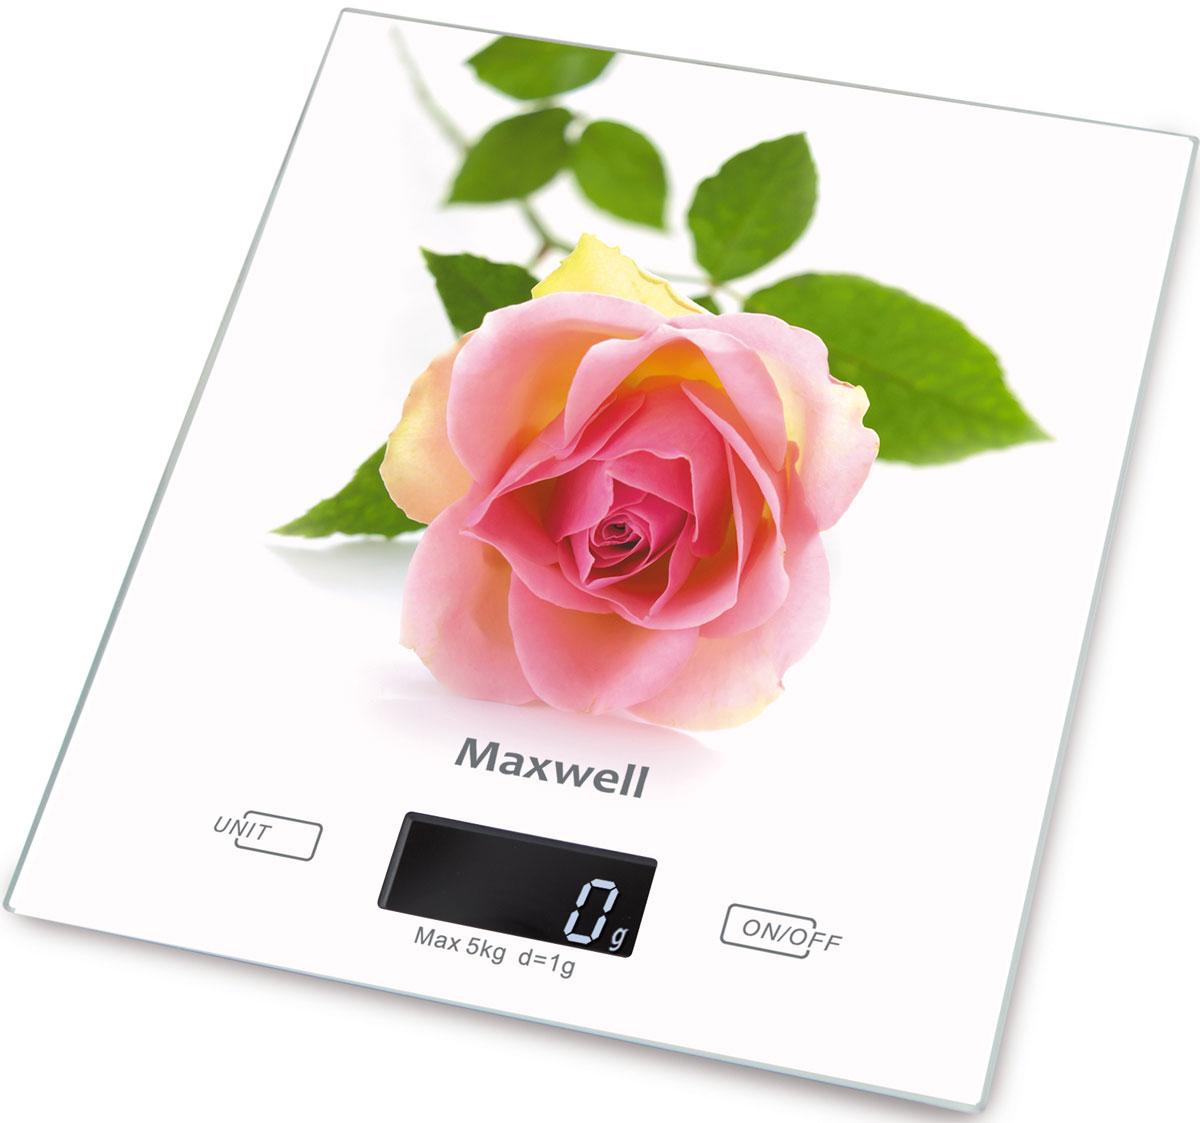 Maxwell MW-1476(W) весы кухонныеMW-1476(W)Кухонные электронные весы Maxwell MW-1476(W) - незаменимые помощники современной хозяйки. Они помогут точно взвесить любые продукты и ингредиенты. Кроме того, позволят людям, соблюдающим диету, контролировать количество съедаемой пищи и размеры порций. Предназначены для взвешивания продуктов с точностью измерения 1 грамм. Размер весов: 20 см х 18 см Размер дисплея: 4,58 см х 1,7 см